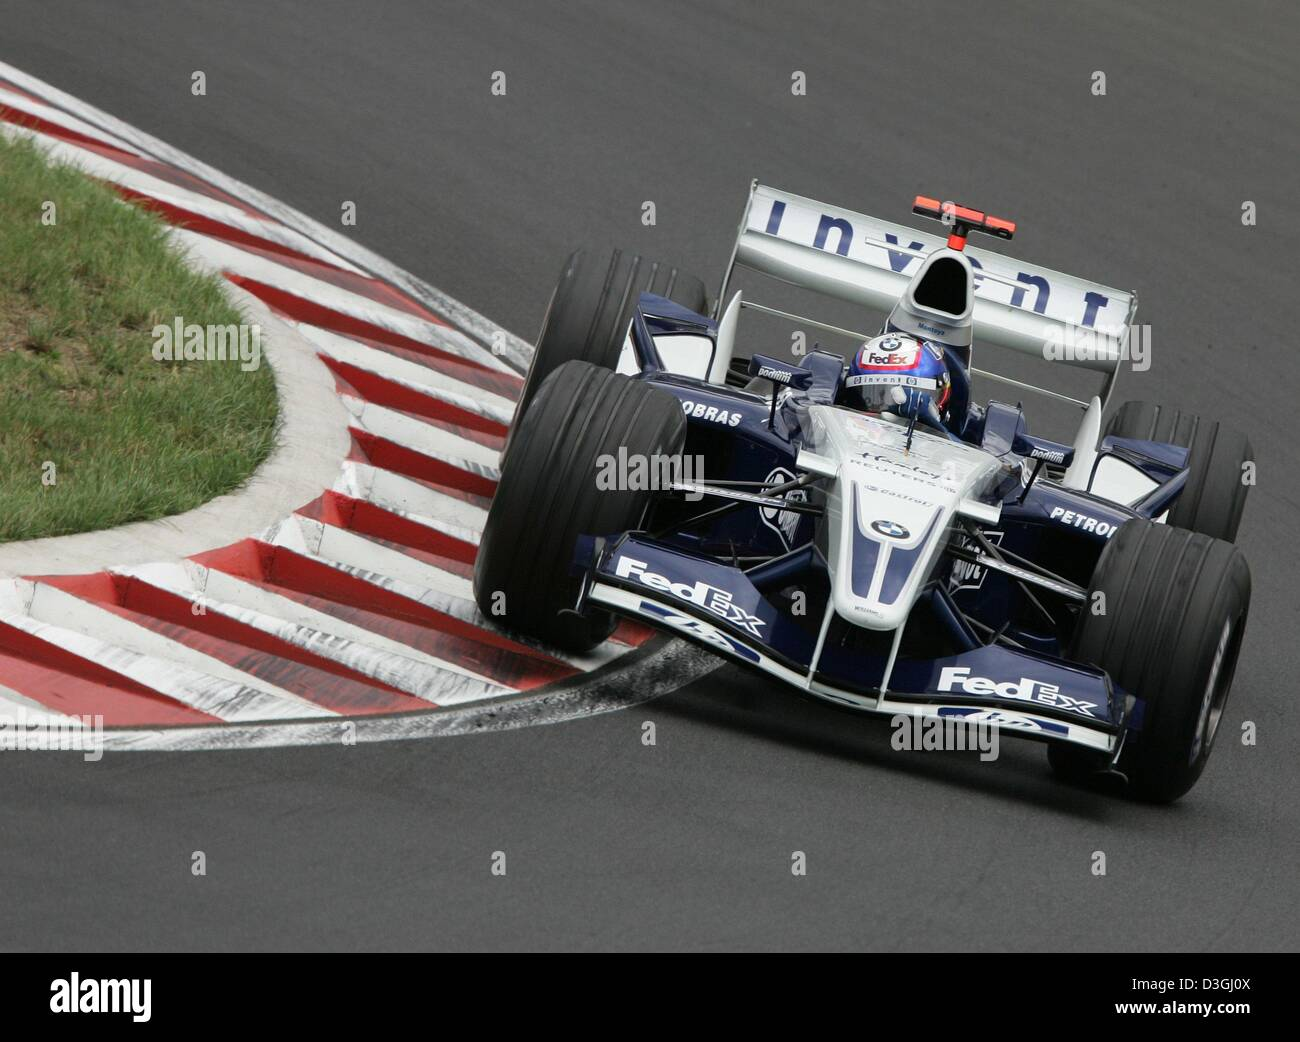 Circuito Ungheria : Dpa colombiano di pilota di formula uno juan pablo montoya bmw